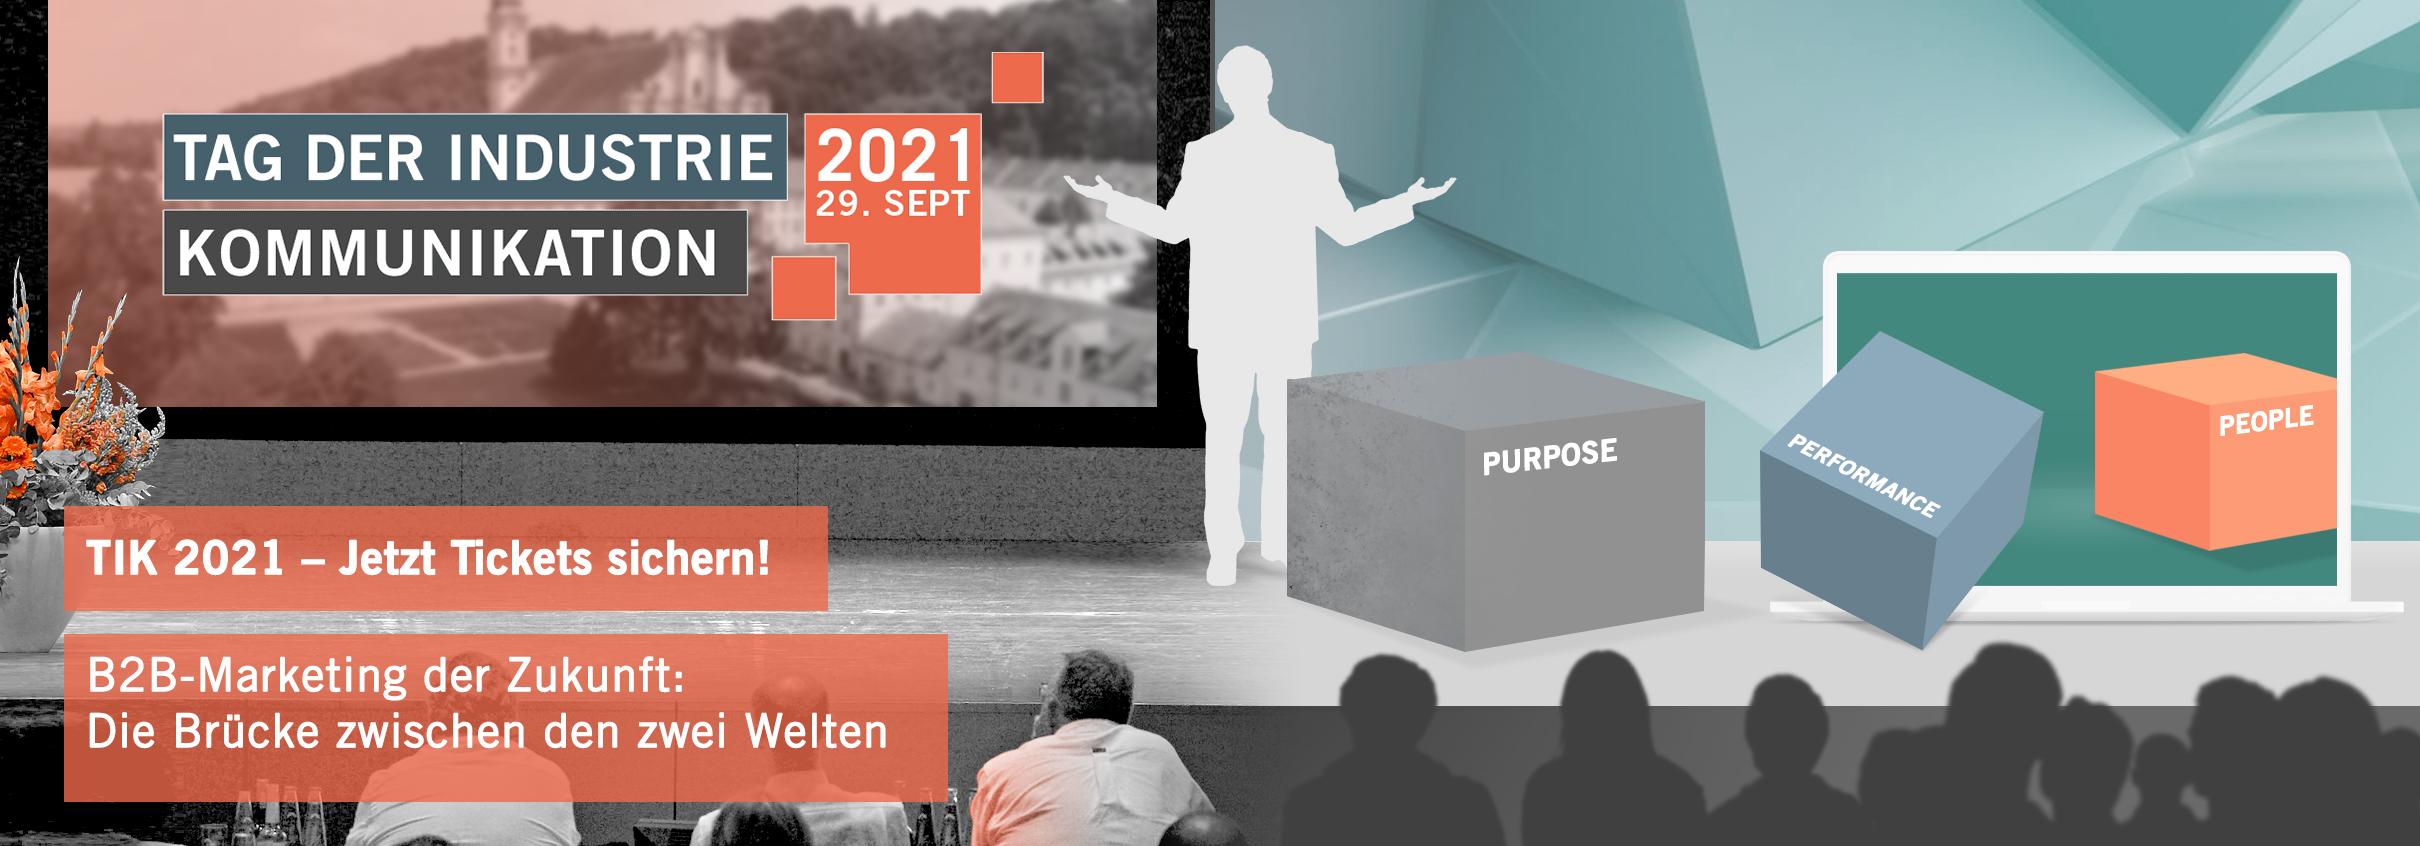 TIK-2021-KeyVisual-Header-neu